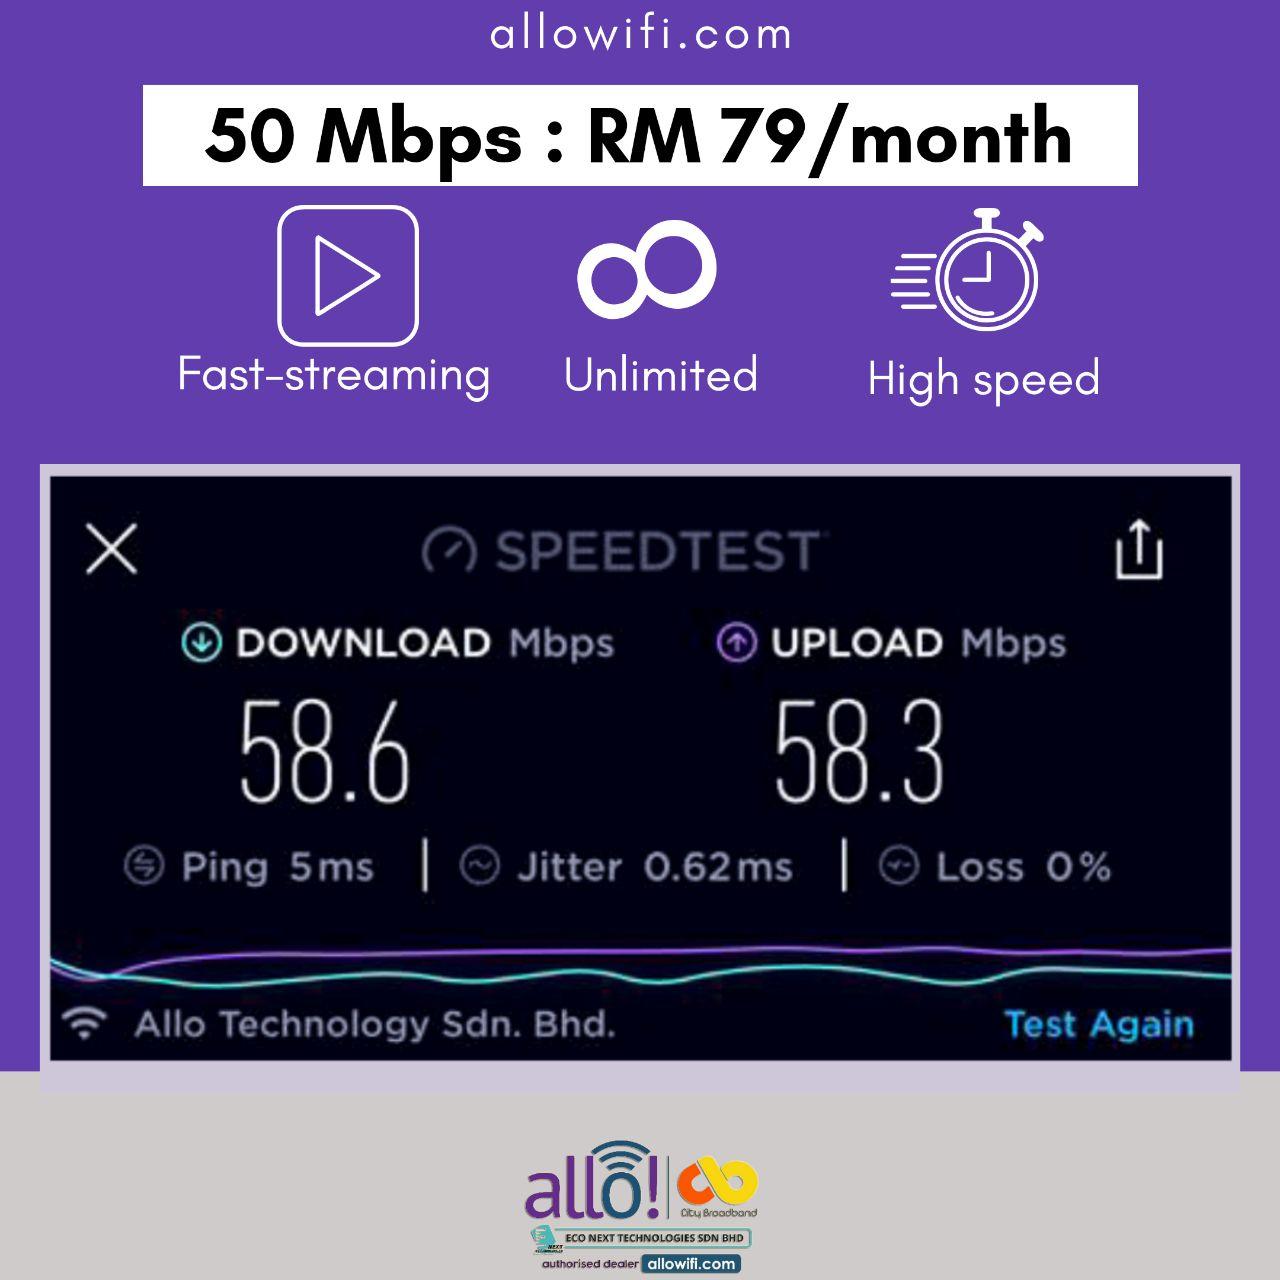 50 Mbps Allo Wifi